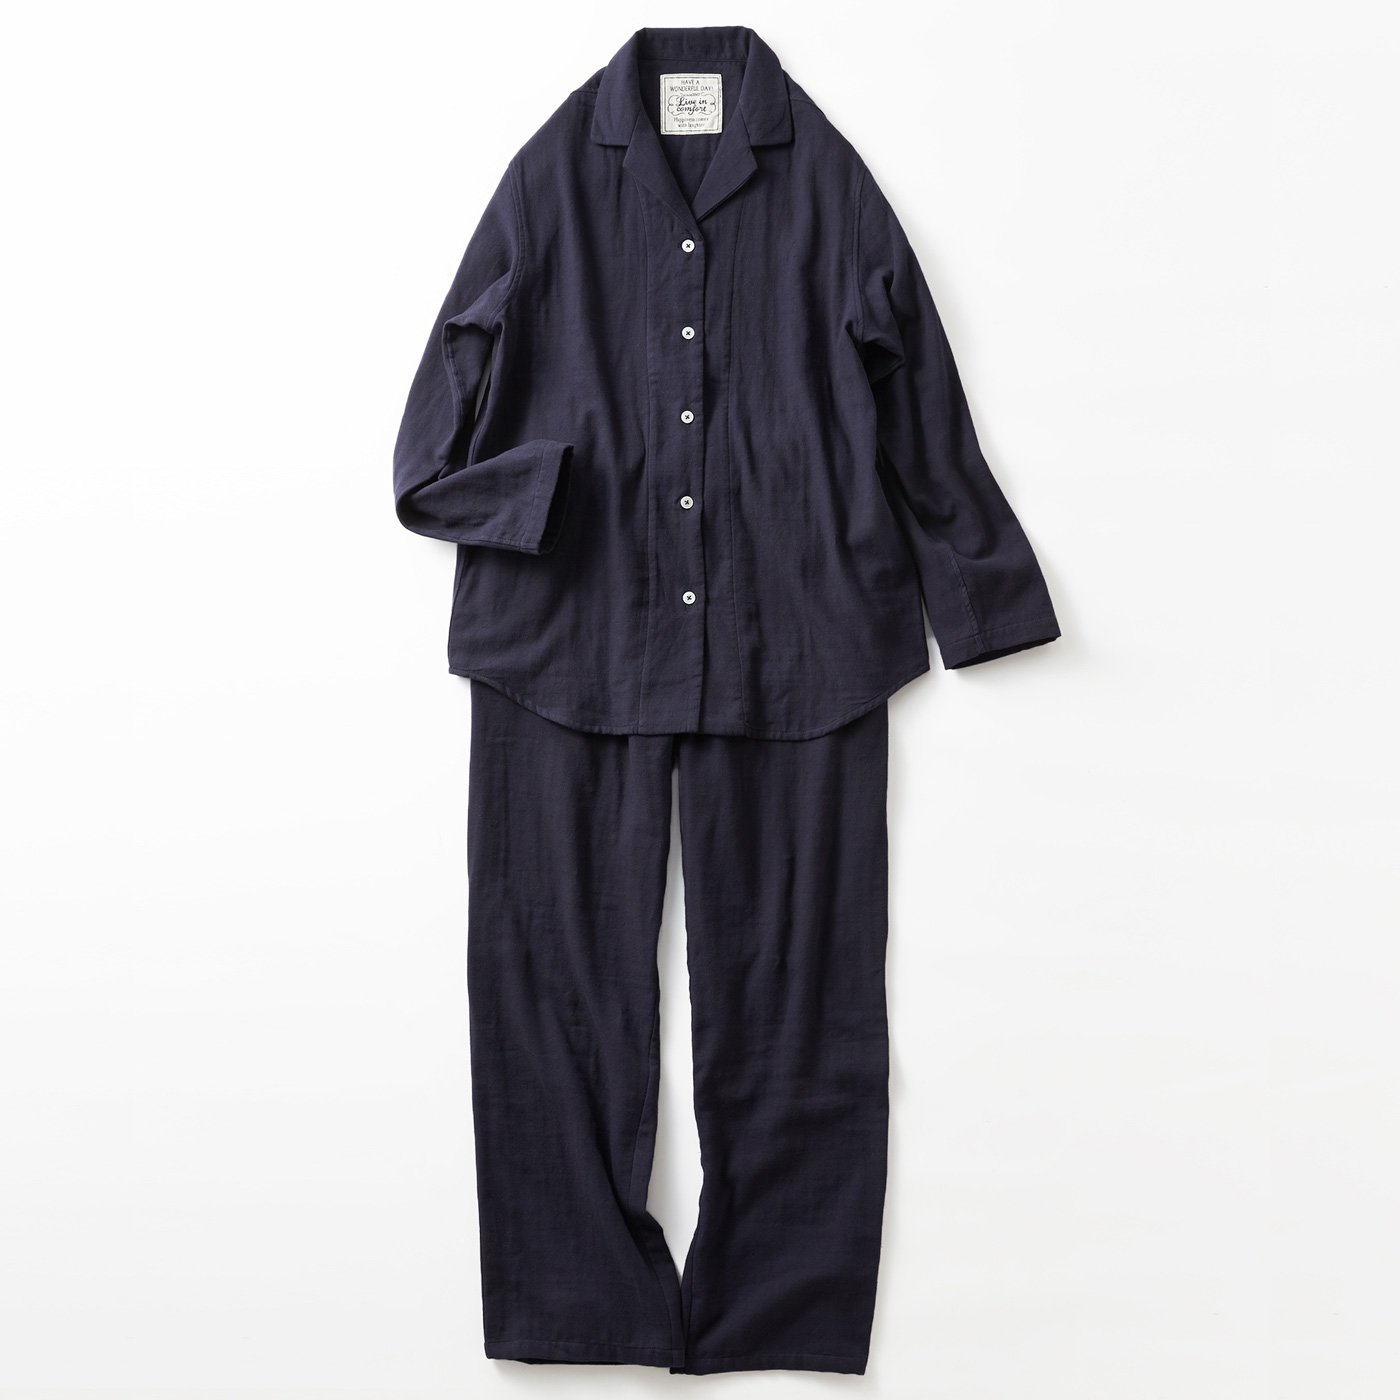 宅配便も取りにいける! リブ イン コンフォート コットン100% ダブルガーゼのパジャマ 〈ネイビー〉